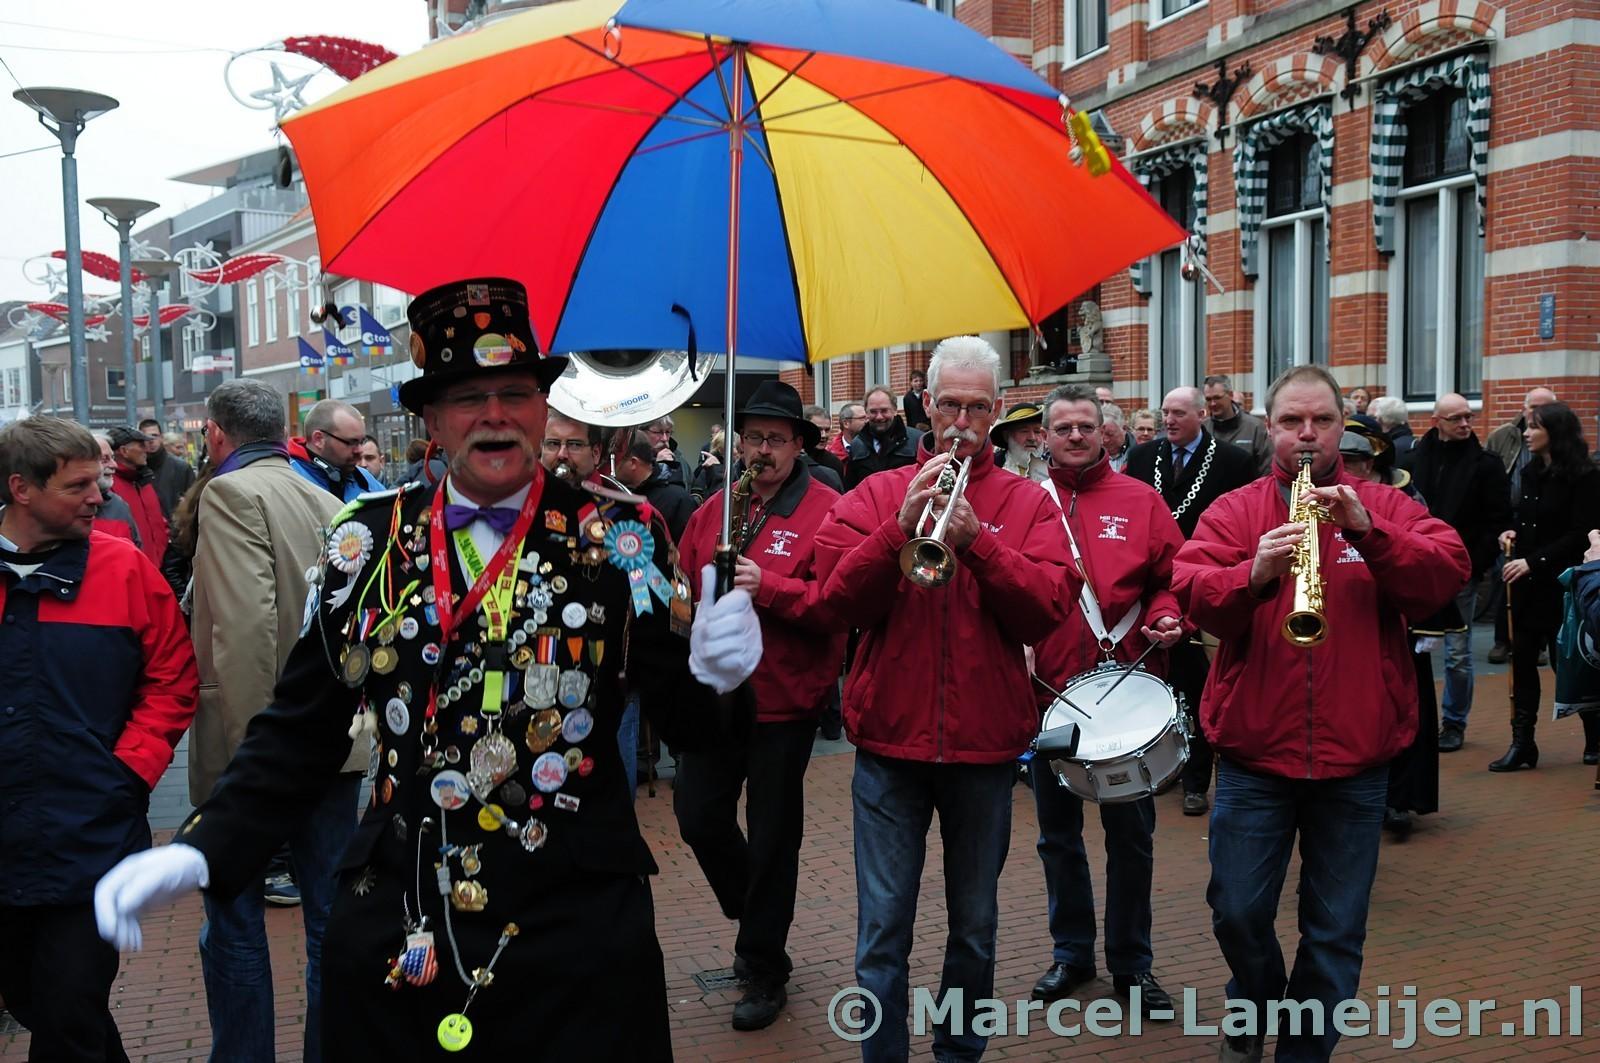 Adrillen - Allerheiligenmarkt in Winschoten, Groningen